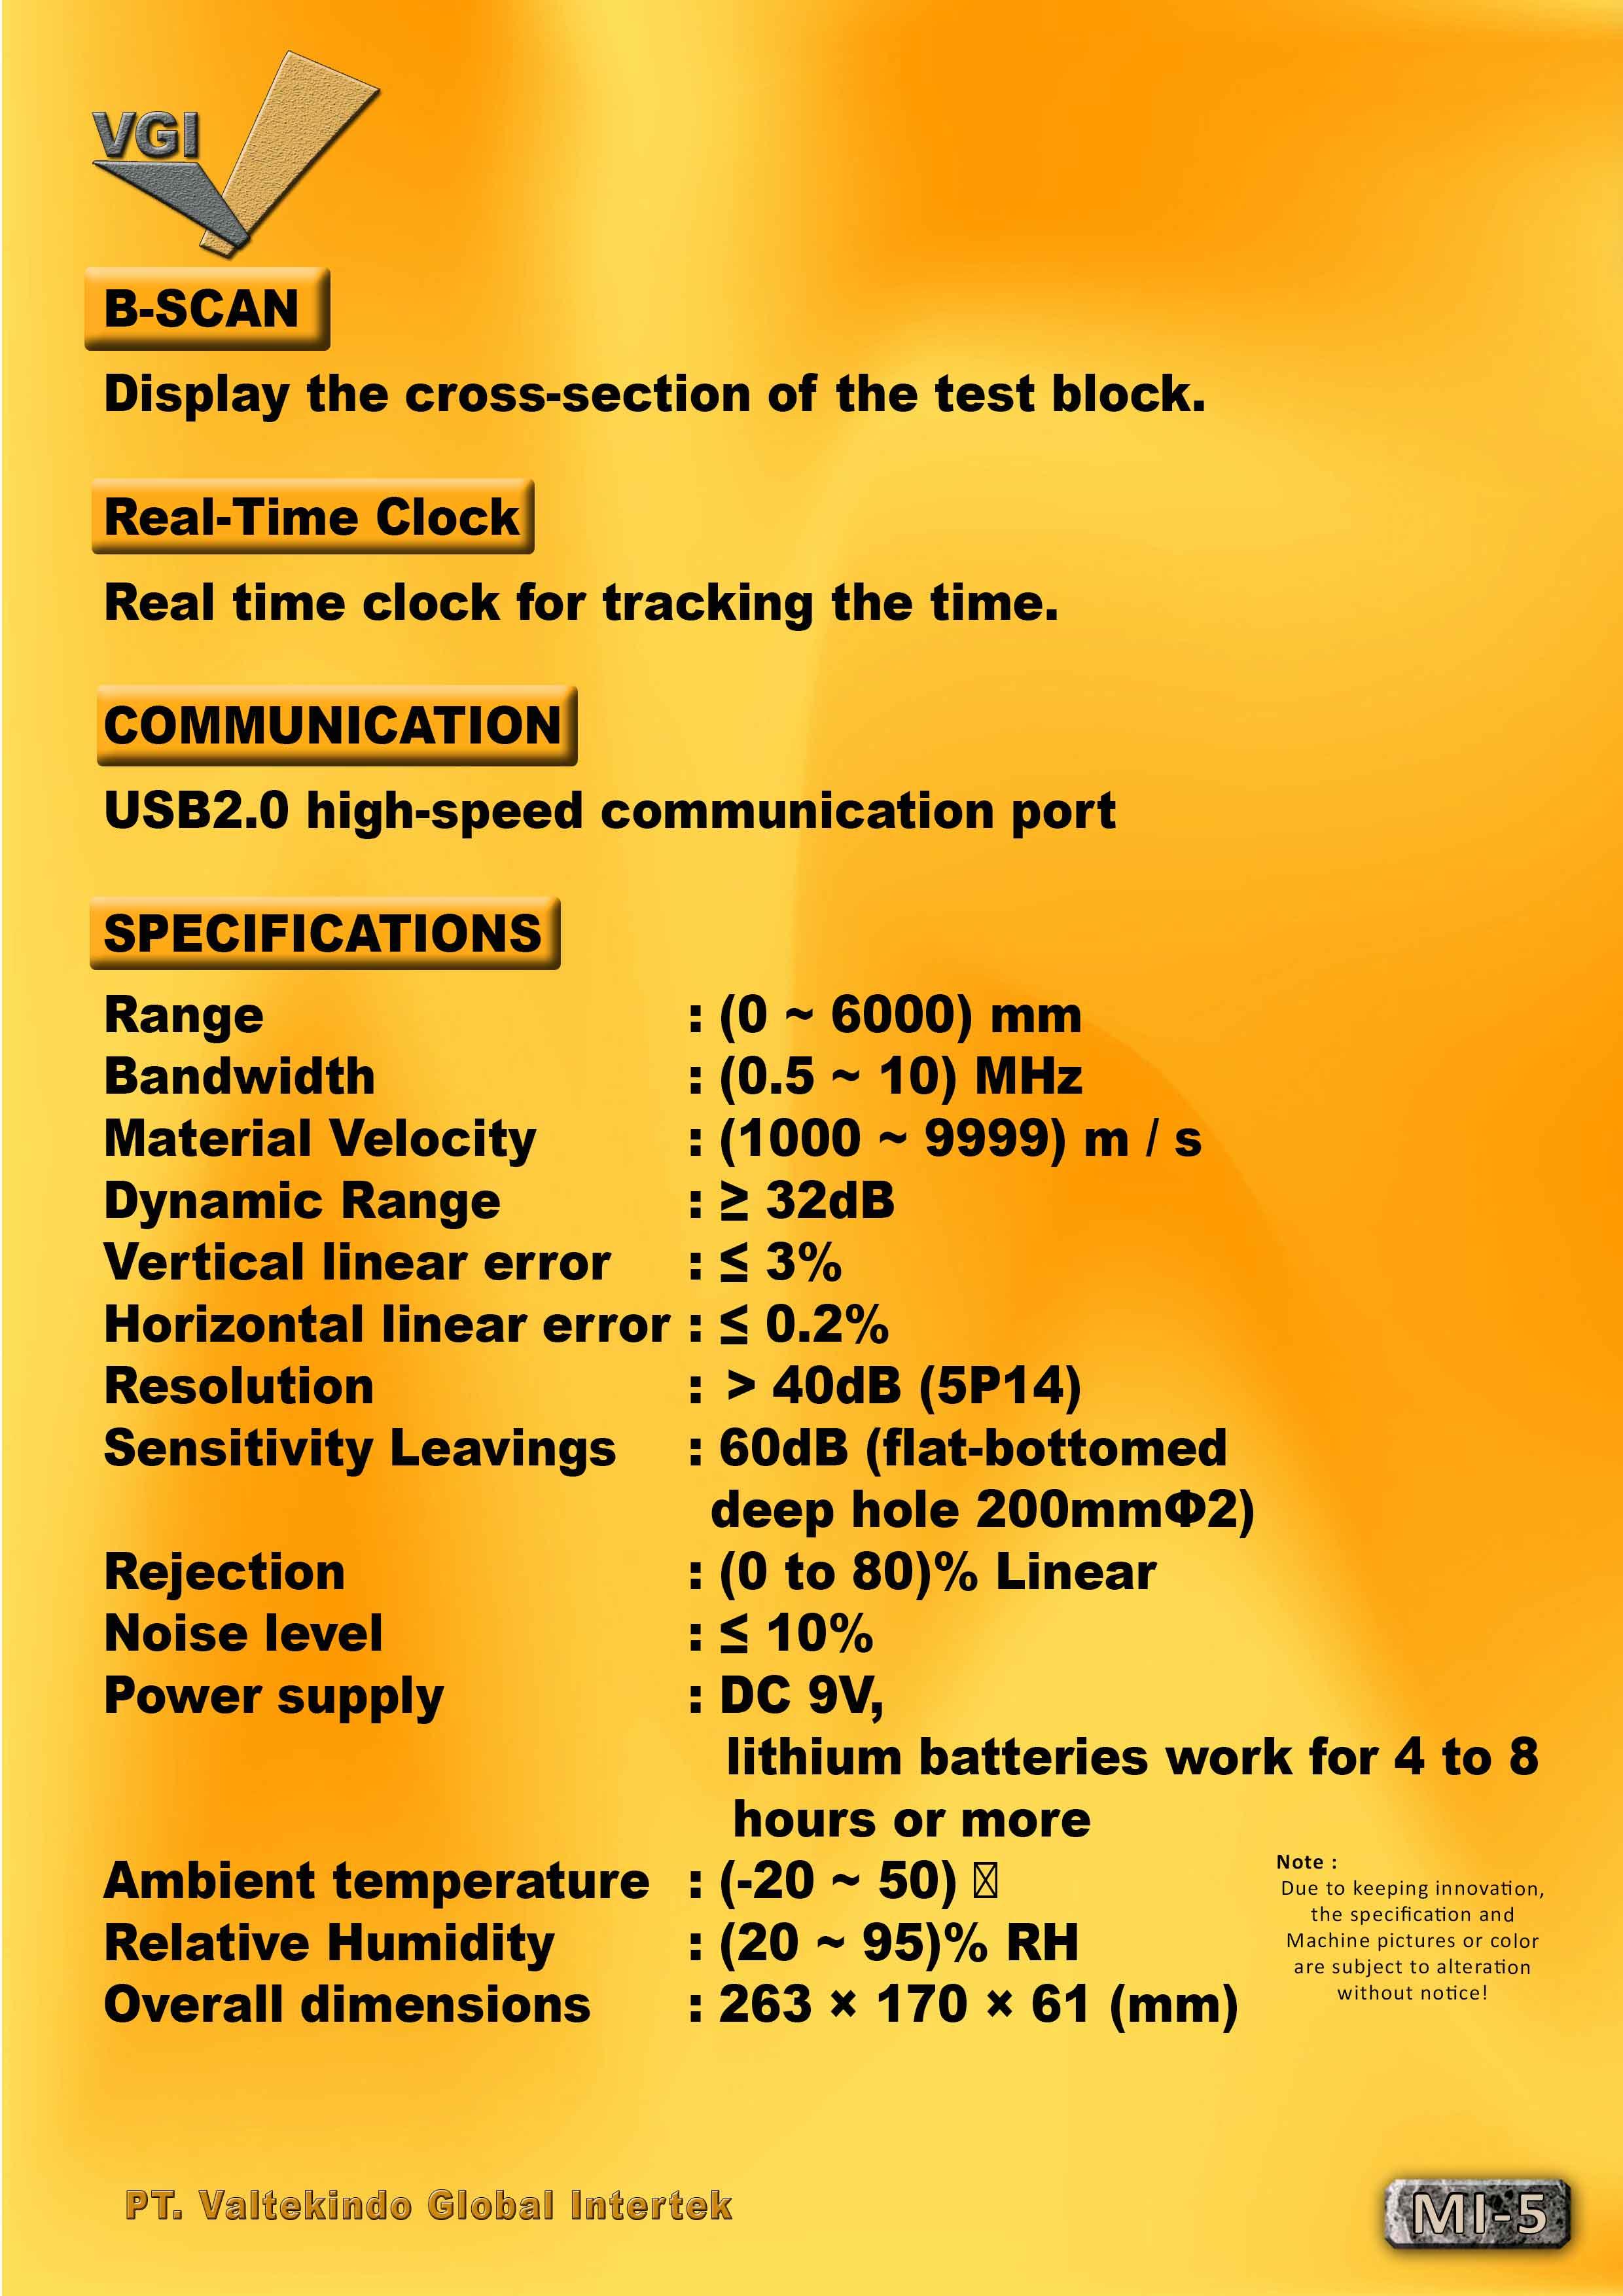 jual mesin Portable Ultrasonic Flaw Detector (Spec)3 Portable Ultrasonic Flaw Detector (Spec)3